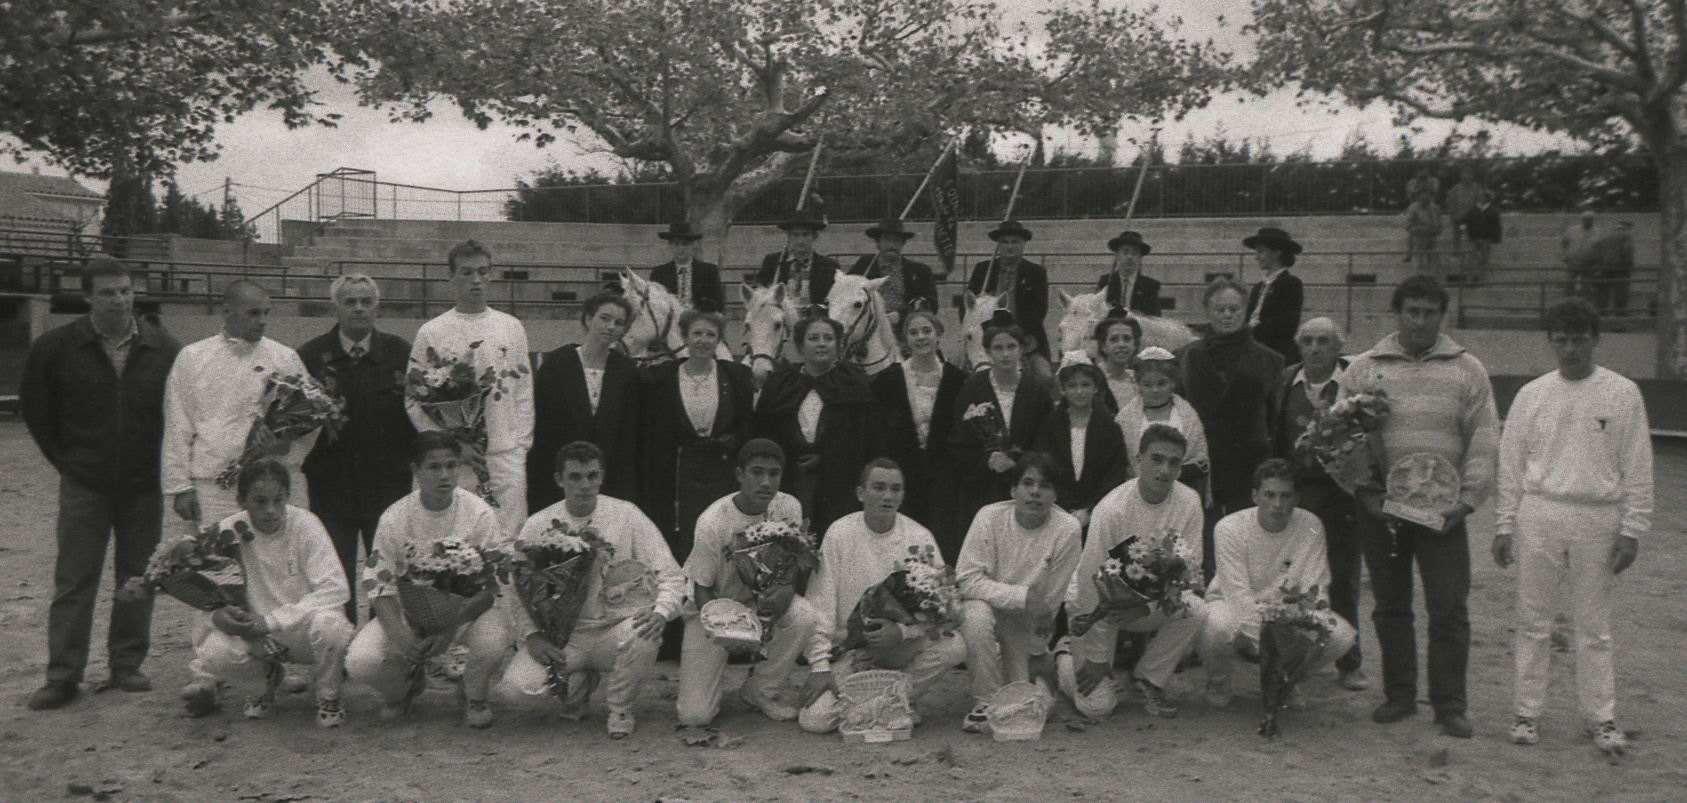 Finale ecole des raseteurs de nimes 1997